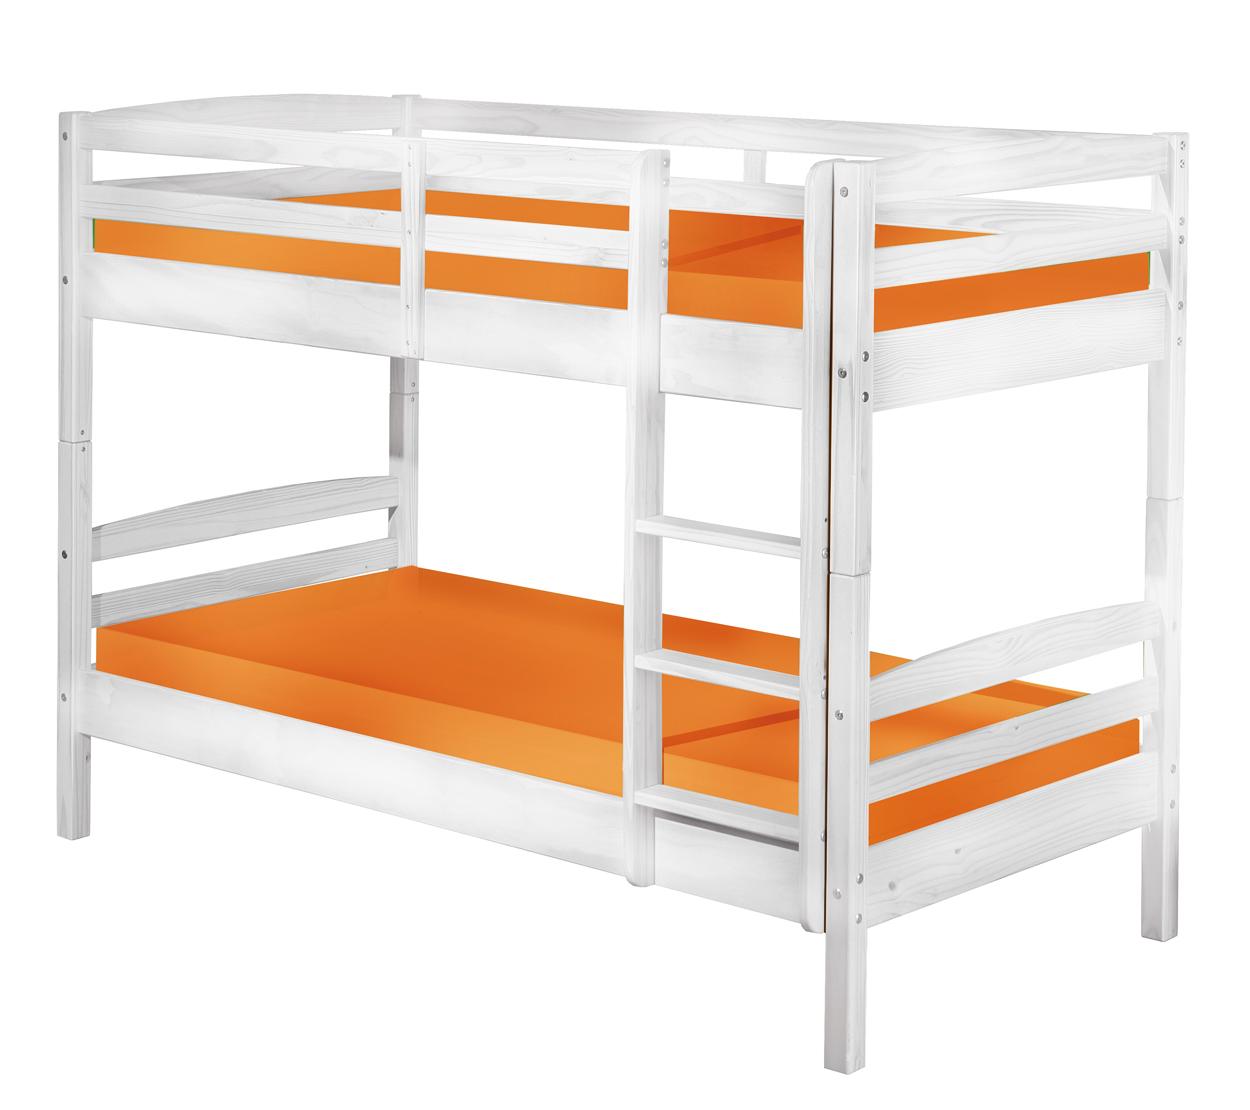 90x190 Bett Kinderbett Holzbett Etagenbett Rick Massivholz Weiß Lackiert